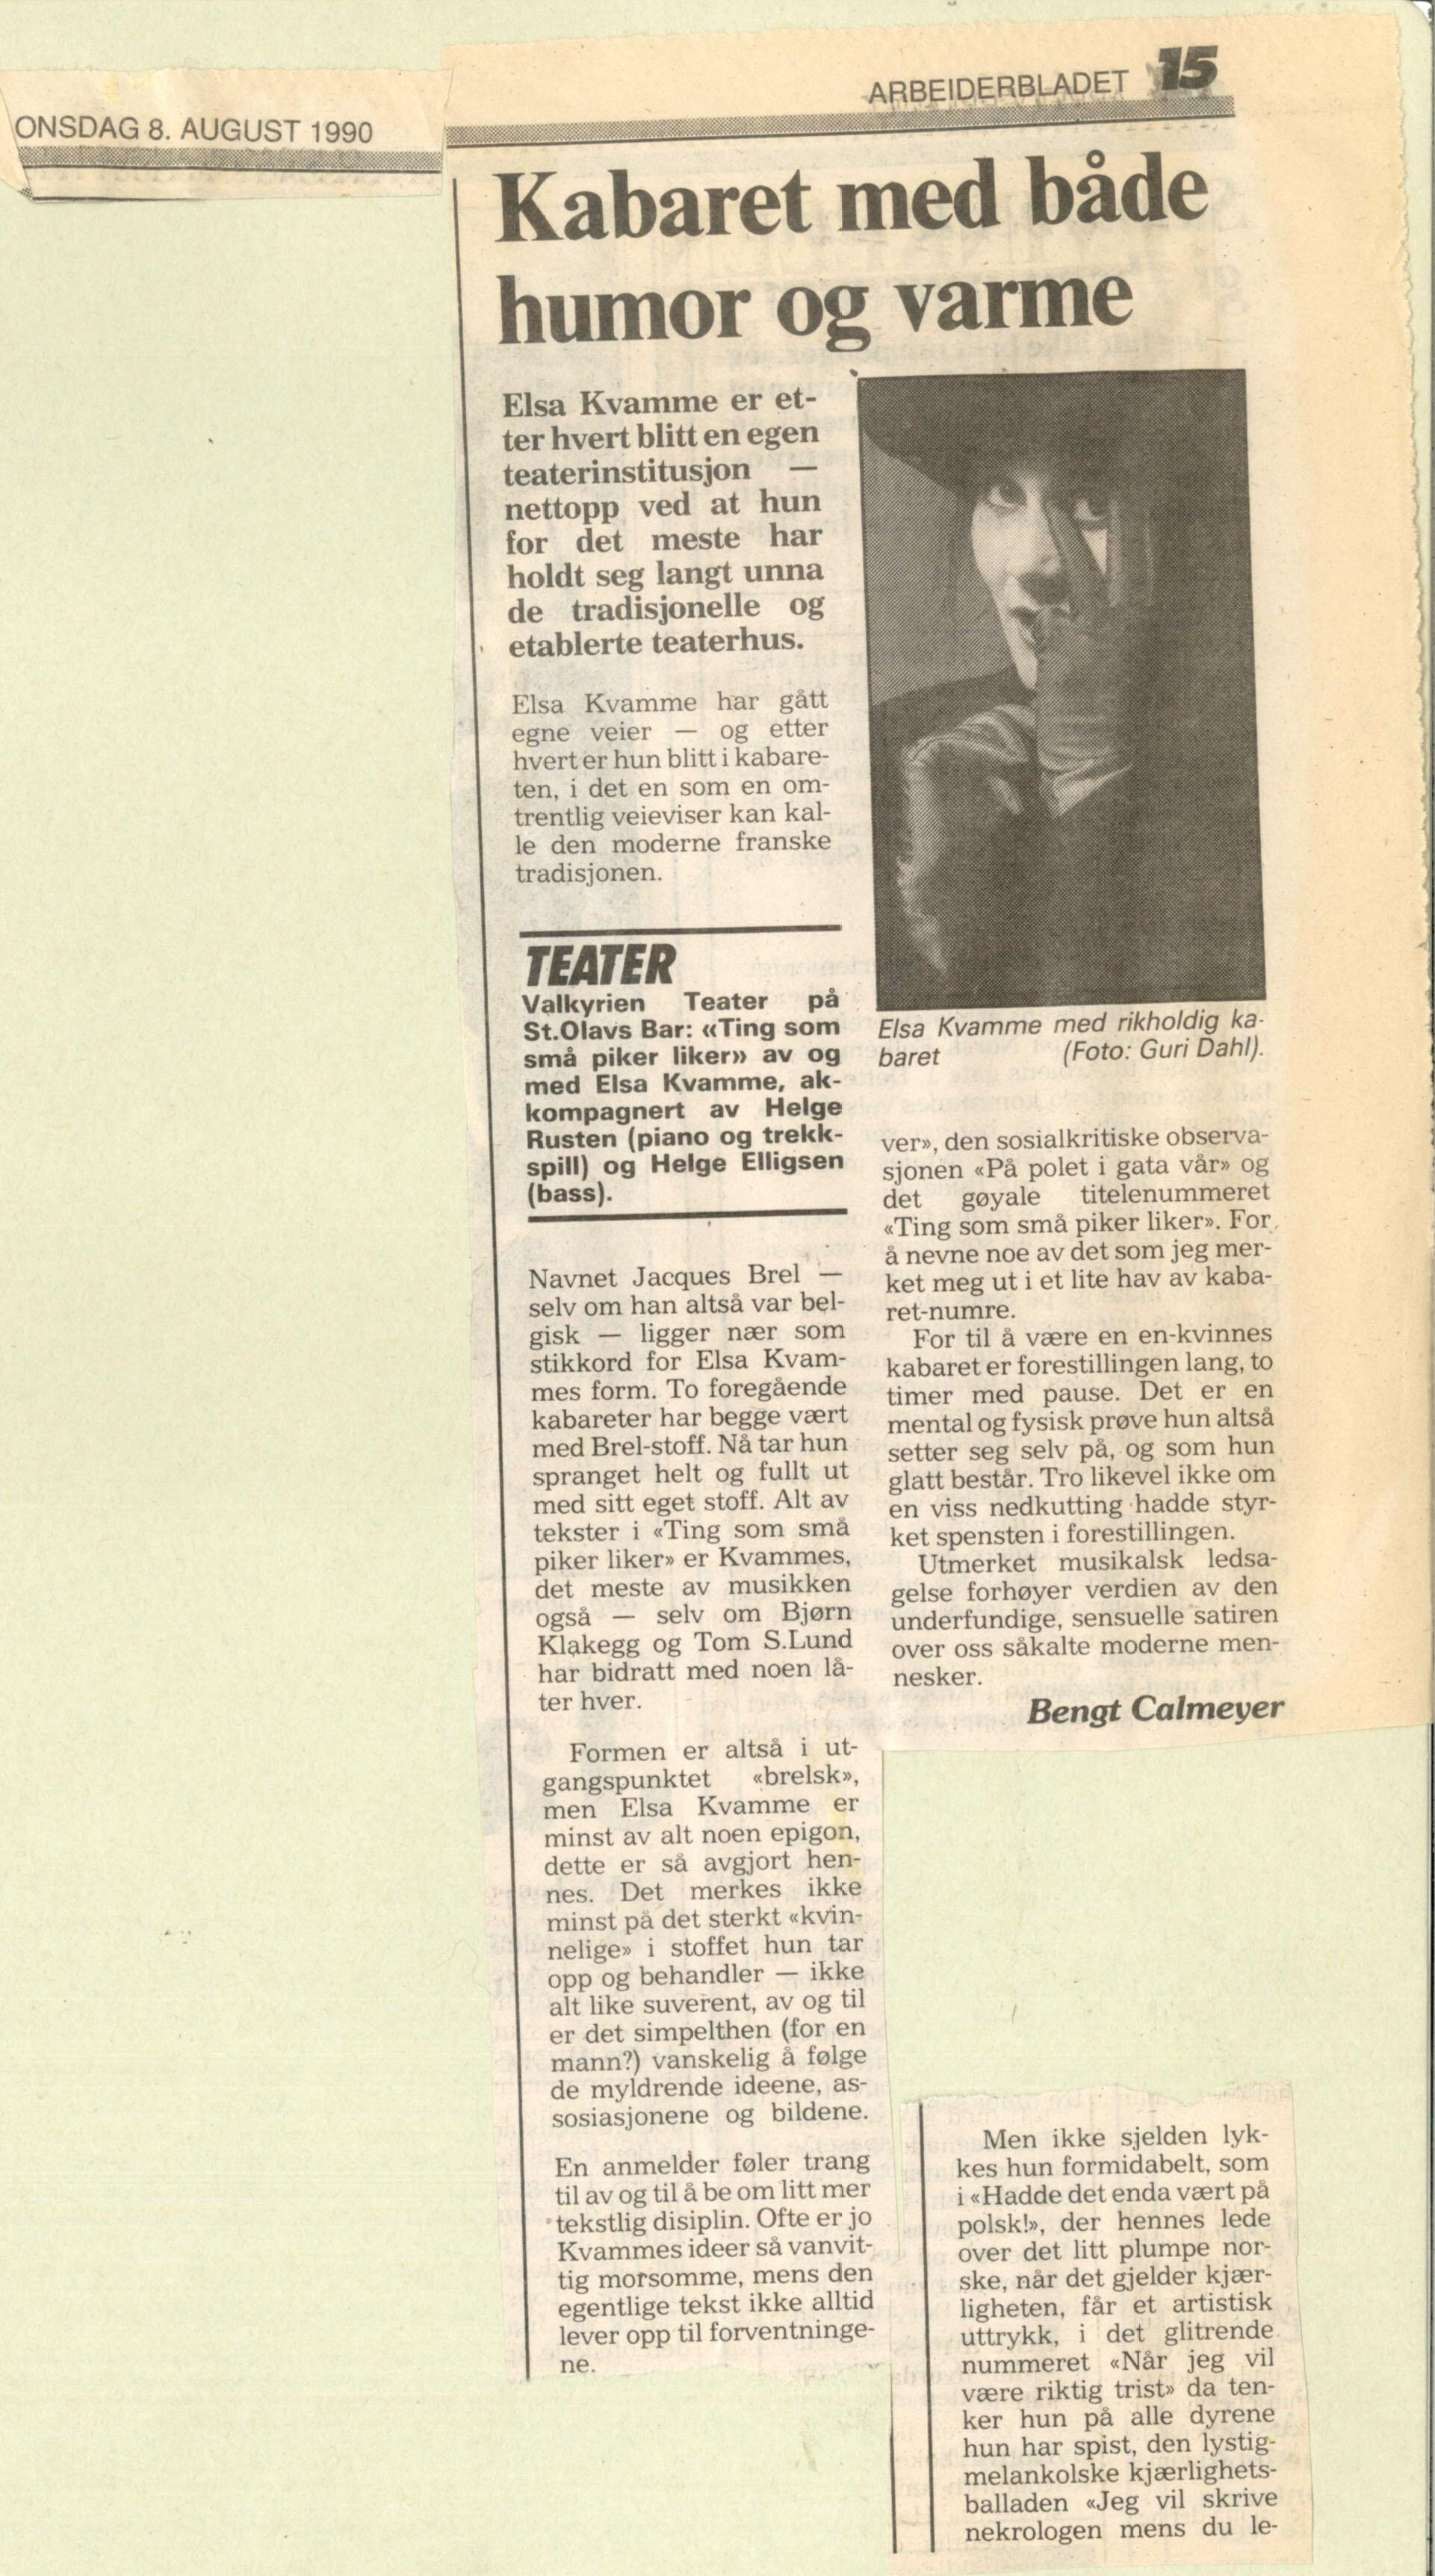 anmledelse_ting som små piker liker_elsa kvamme_arbeiderbladet 08081990_tekst bengt calmeyer.jpg